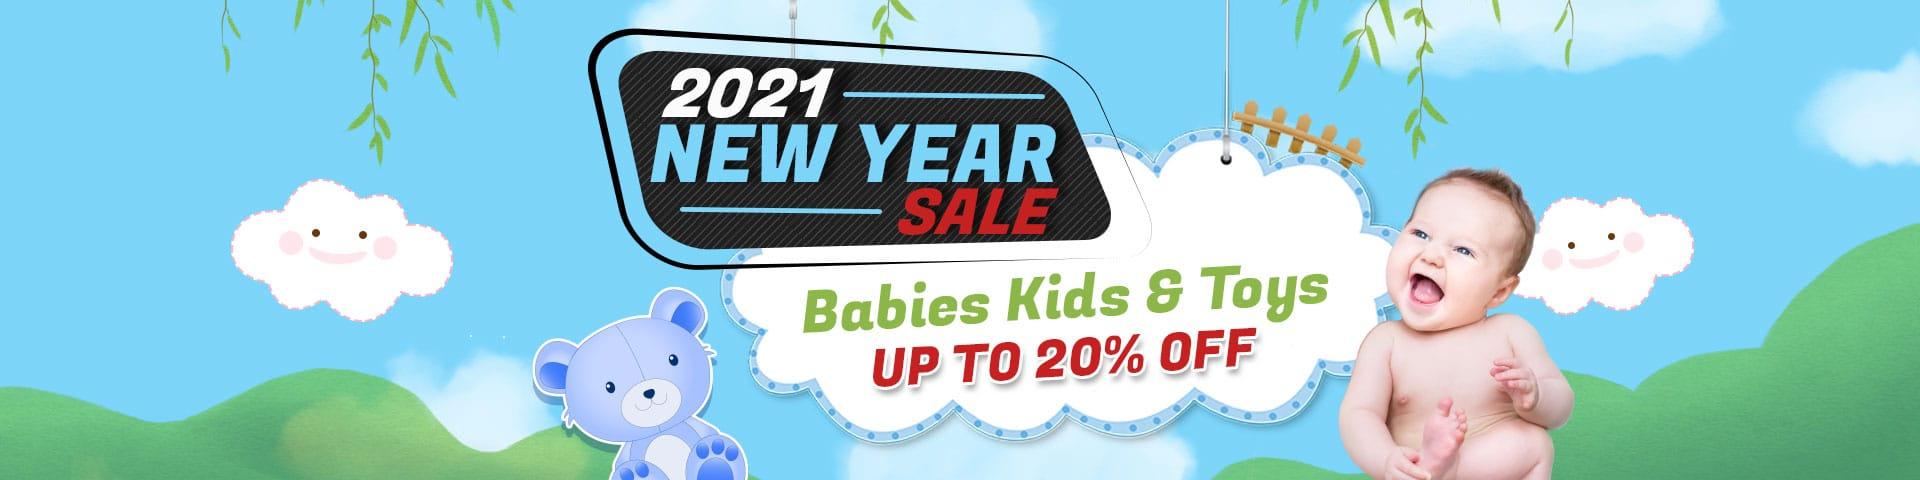 Babies Kids & Toys